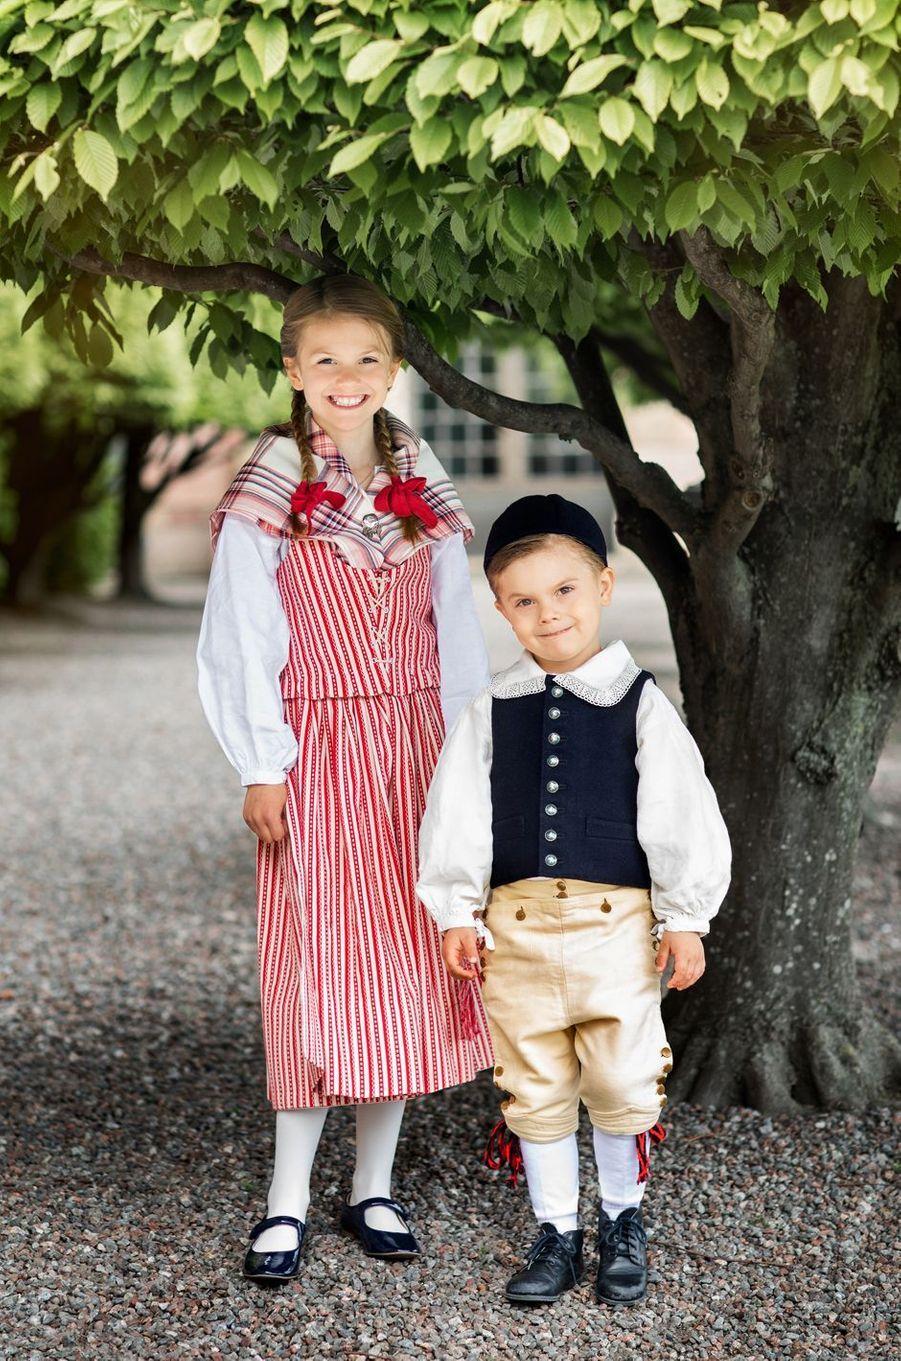 La princesse Estelle et le prince Oscar de Suède dans la tenue de leur duché respectif à Stockholm, début juin 2020